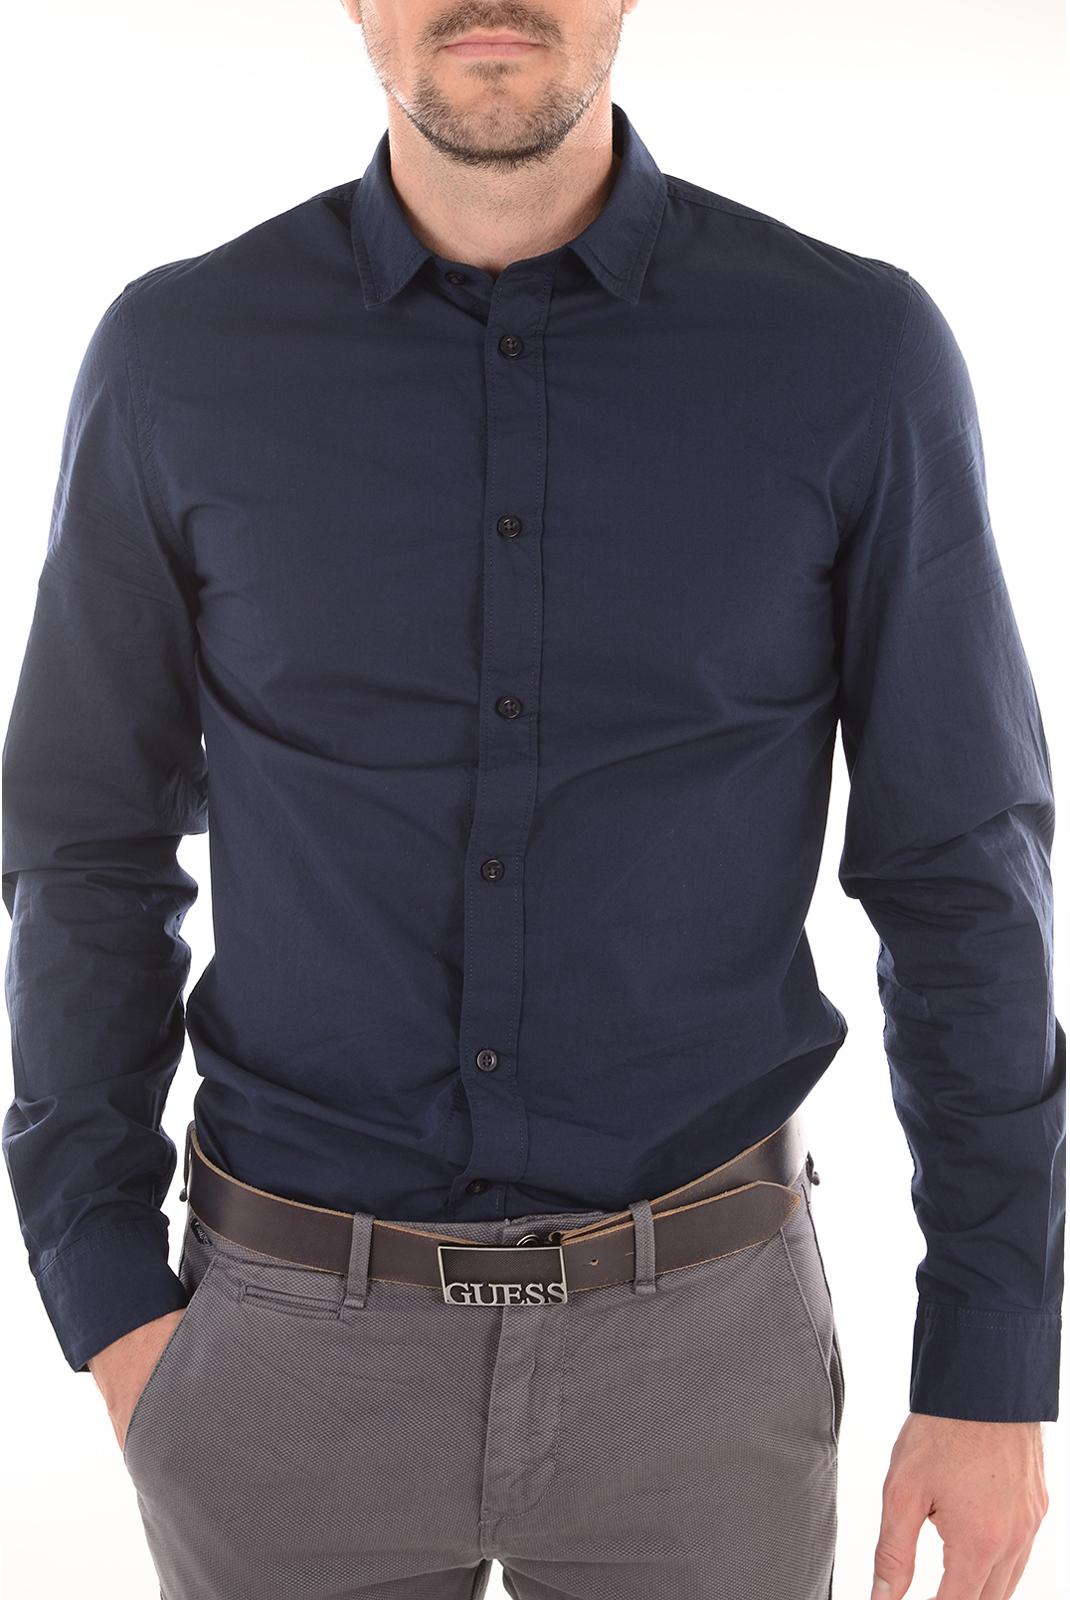 Chemises manches longues  Guess jeans M81H38 W7ZK0 G720 BLEU NAVY